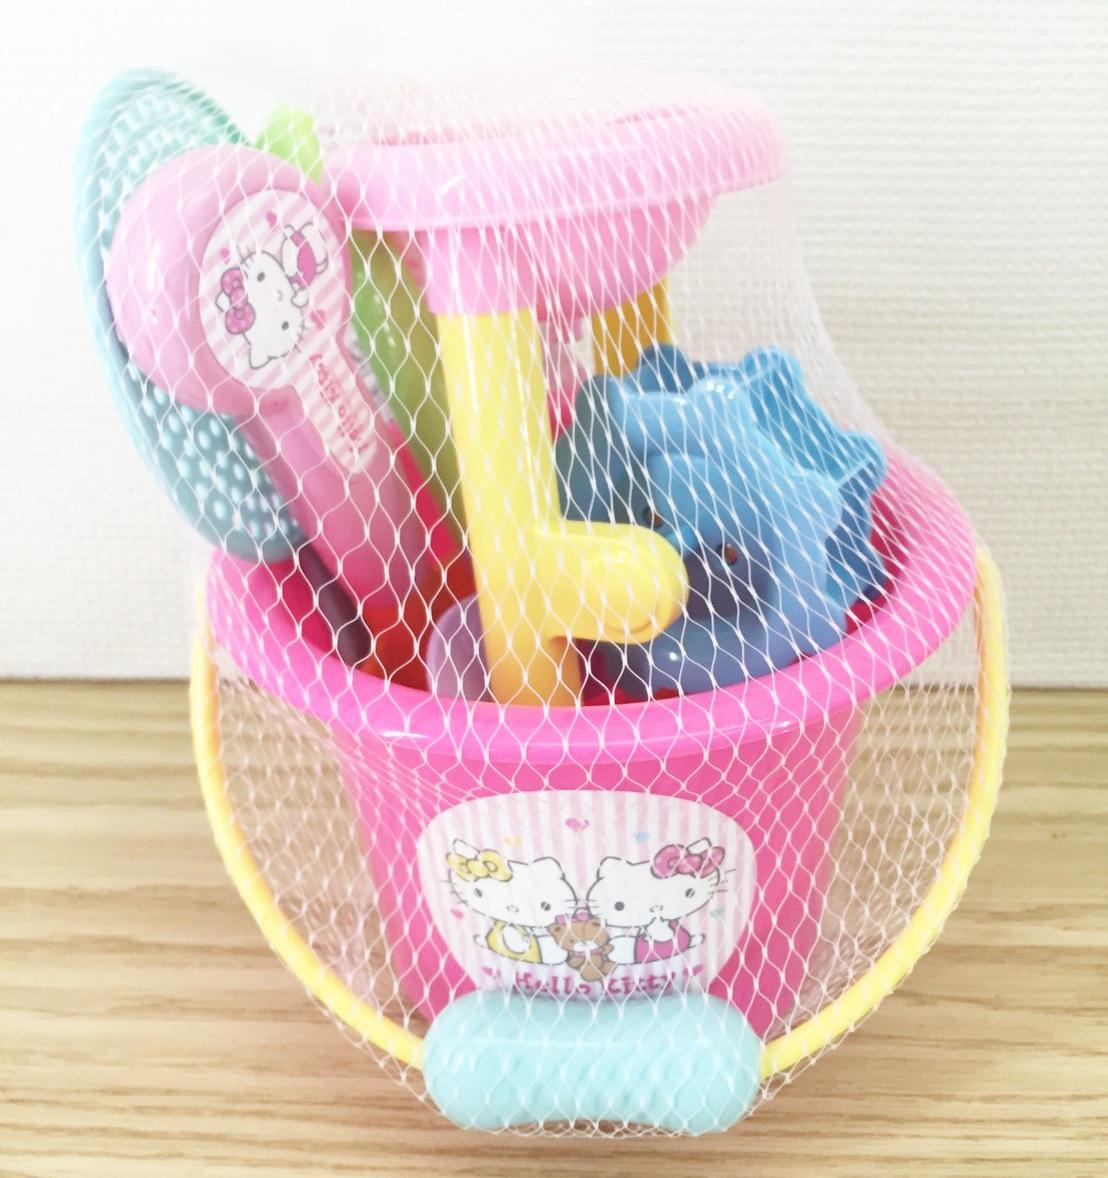 【真愛日本】16040200002 沙灘玩具組-KT&Mimmy 三麗鷗Hello Kitty凱蒂貓 堆沙堡用品 玩具